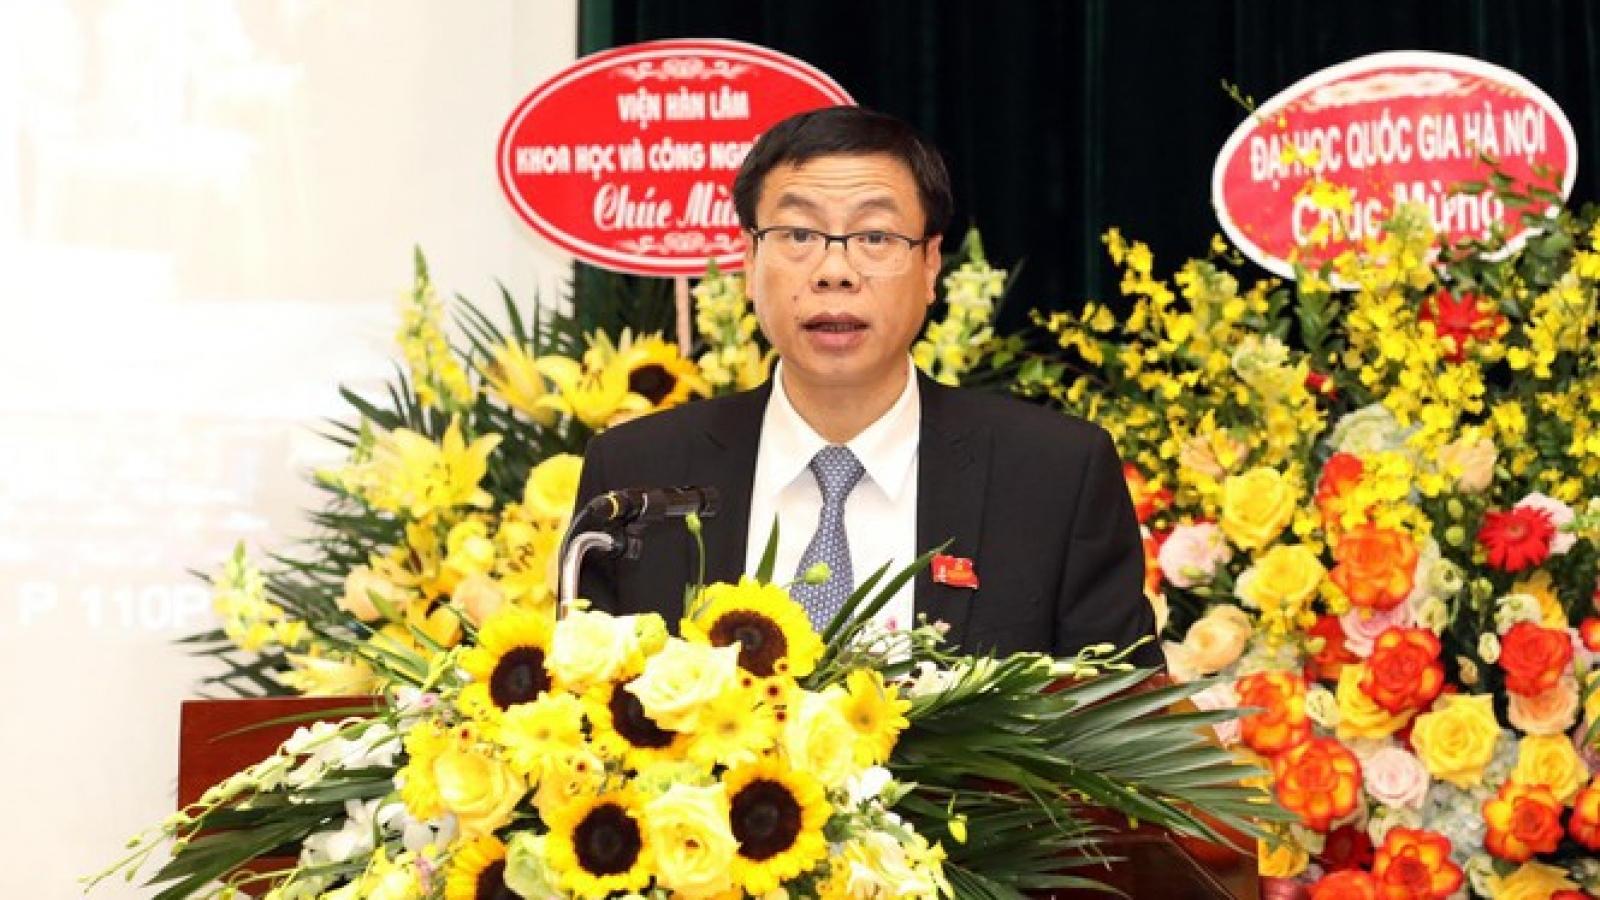 Ông Lê Xuân Định được bầu là Bí thư Đảng ủy Bộ KH&CN